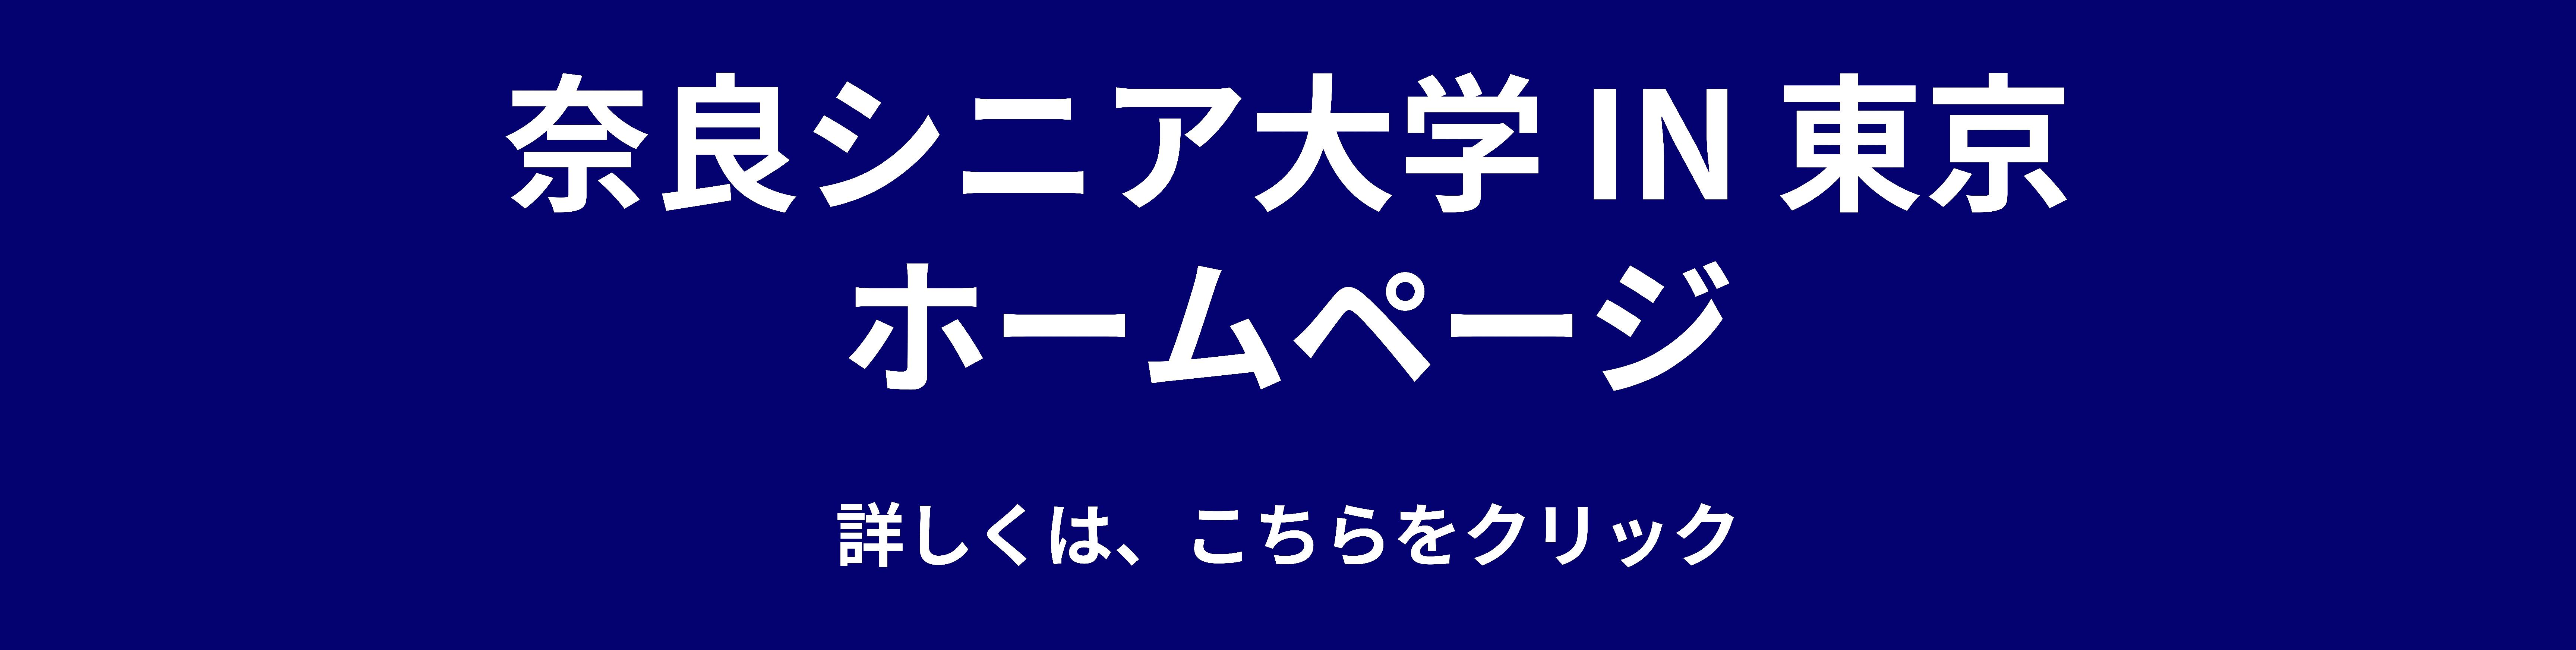 奈良シニア大学in東京